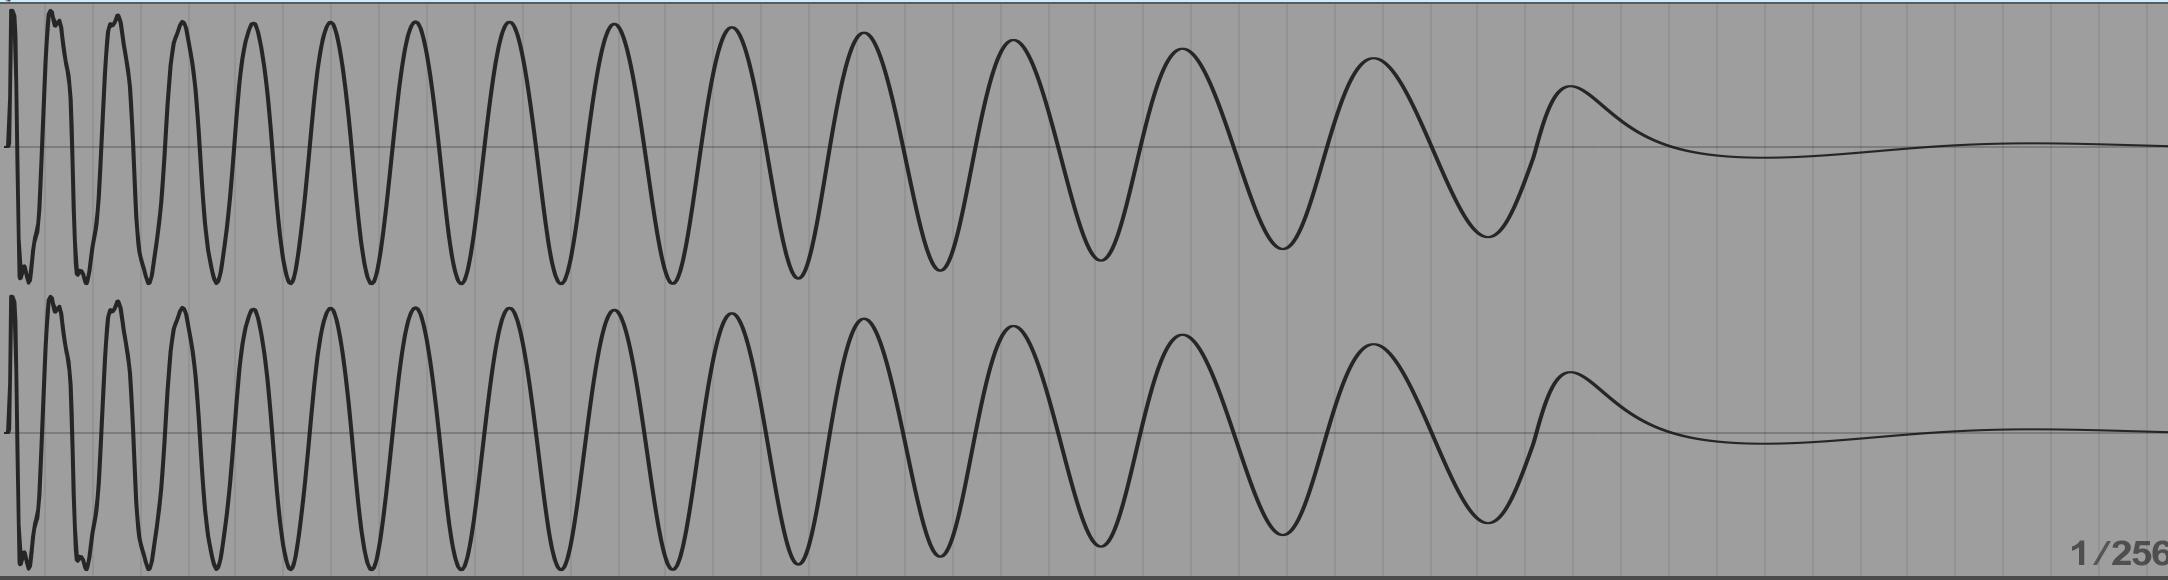 キックの波形